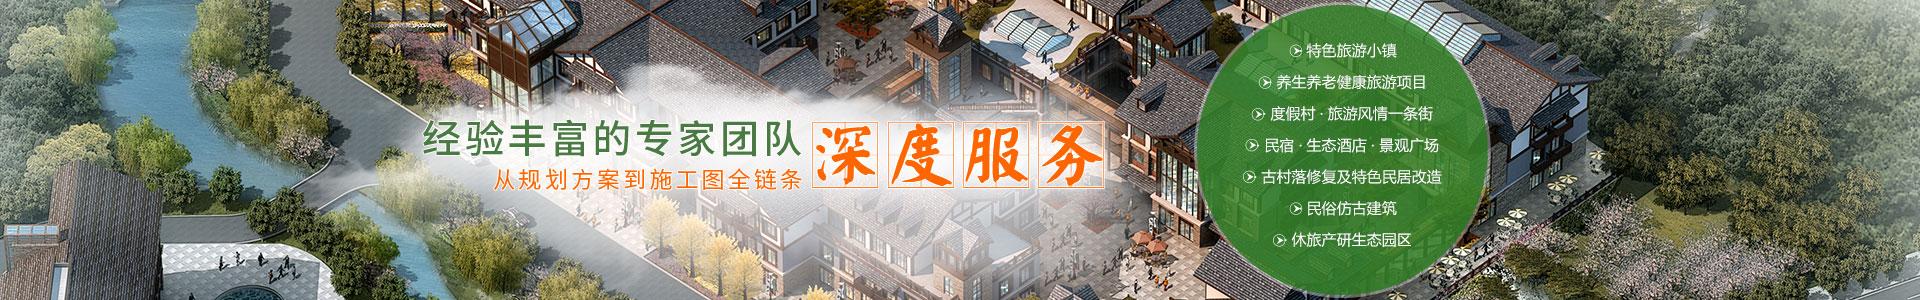 重庆旅游建筑设计